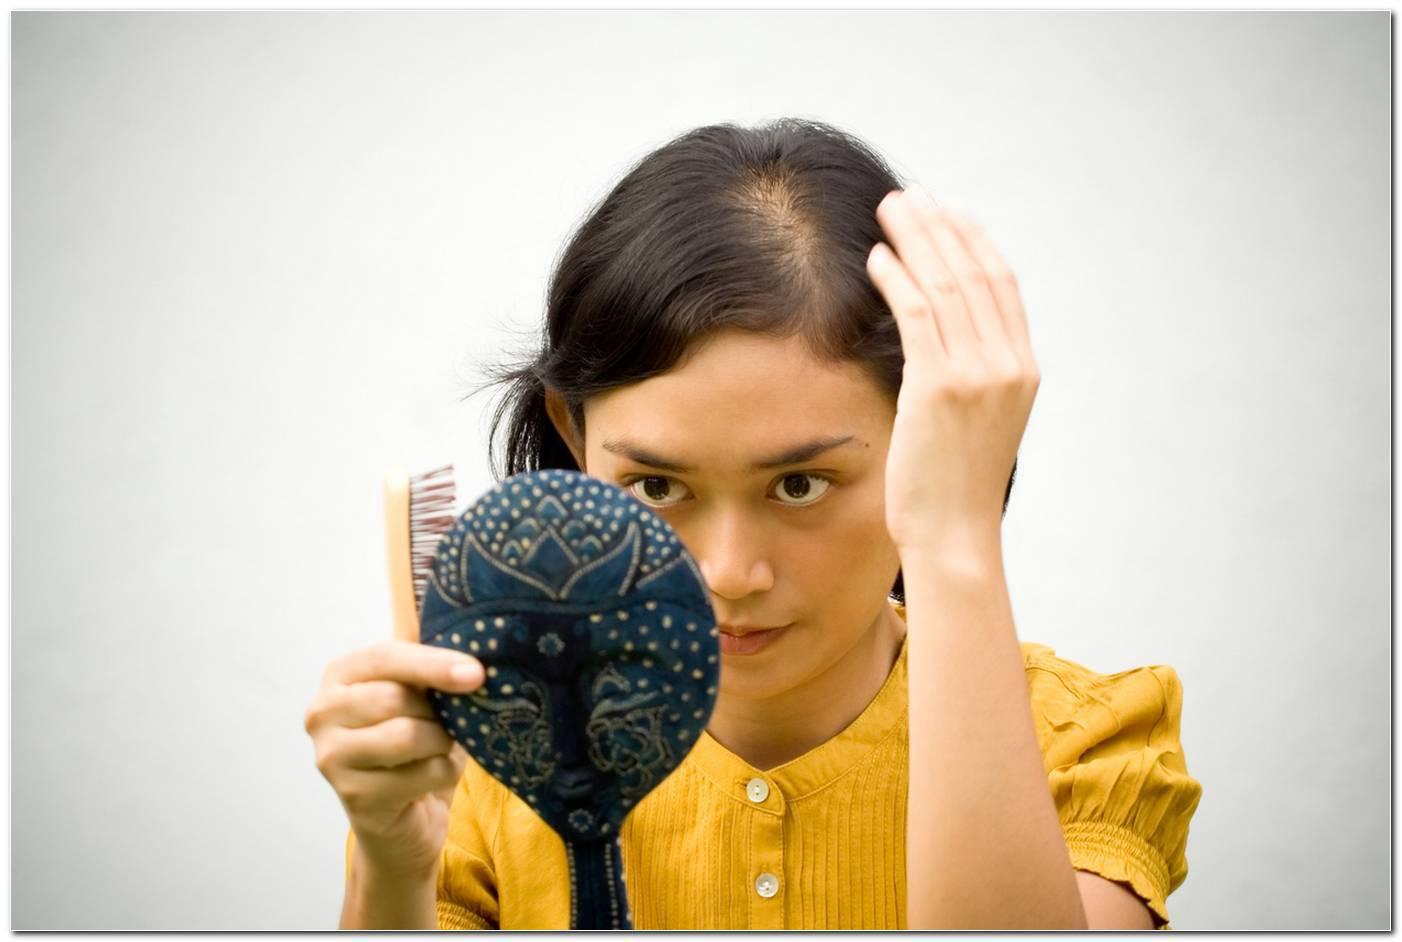 Frisuren Bei Haarausfall Frau